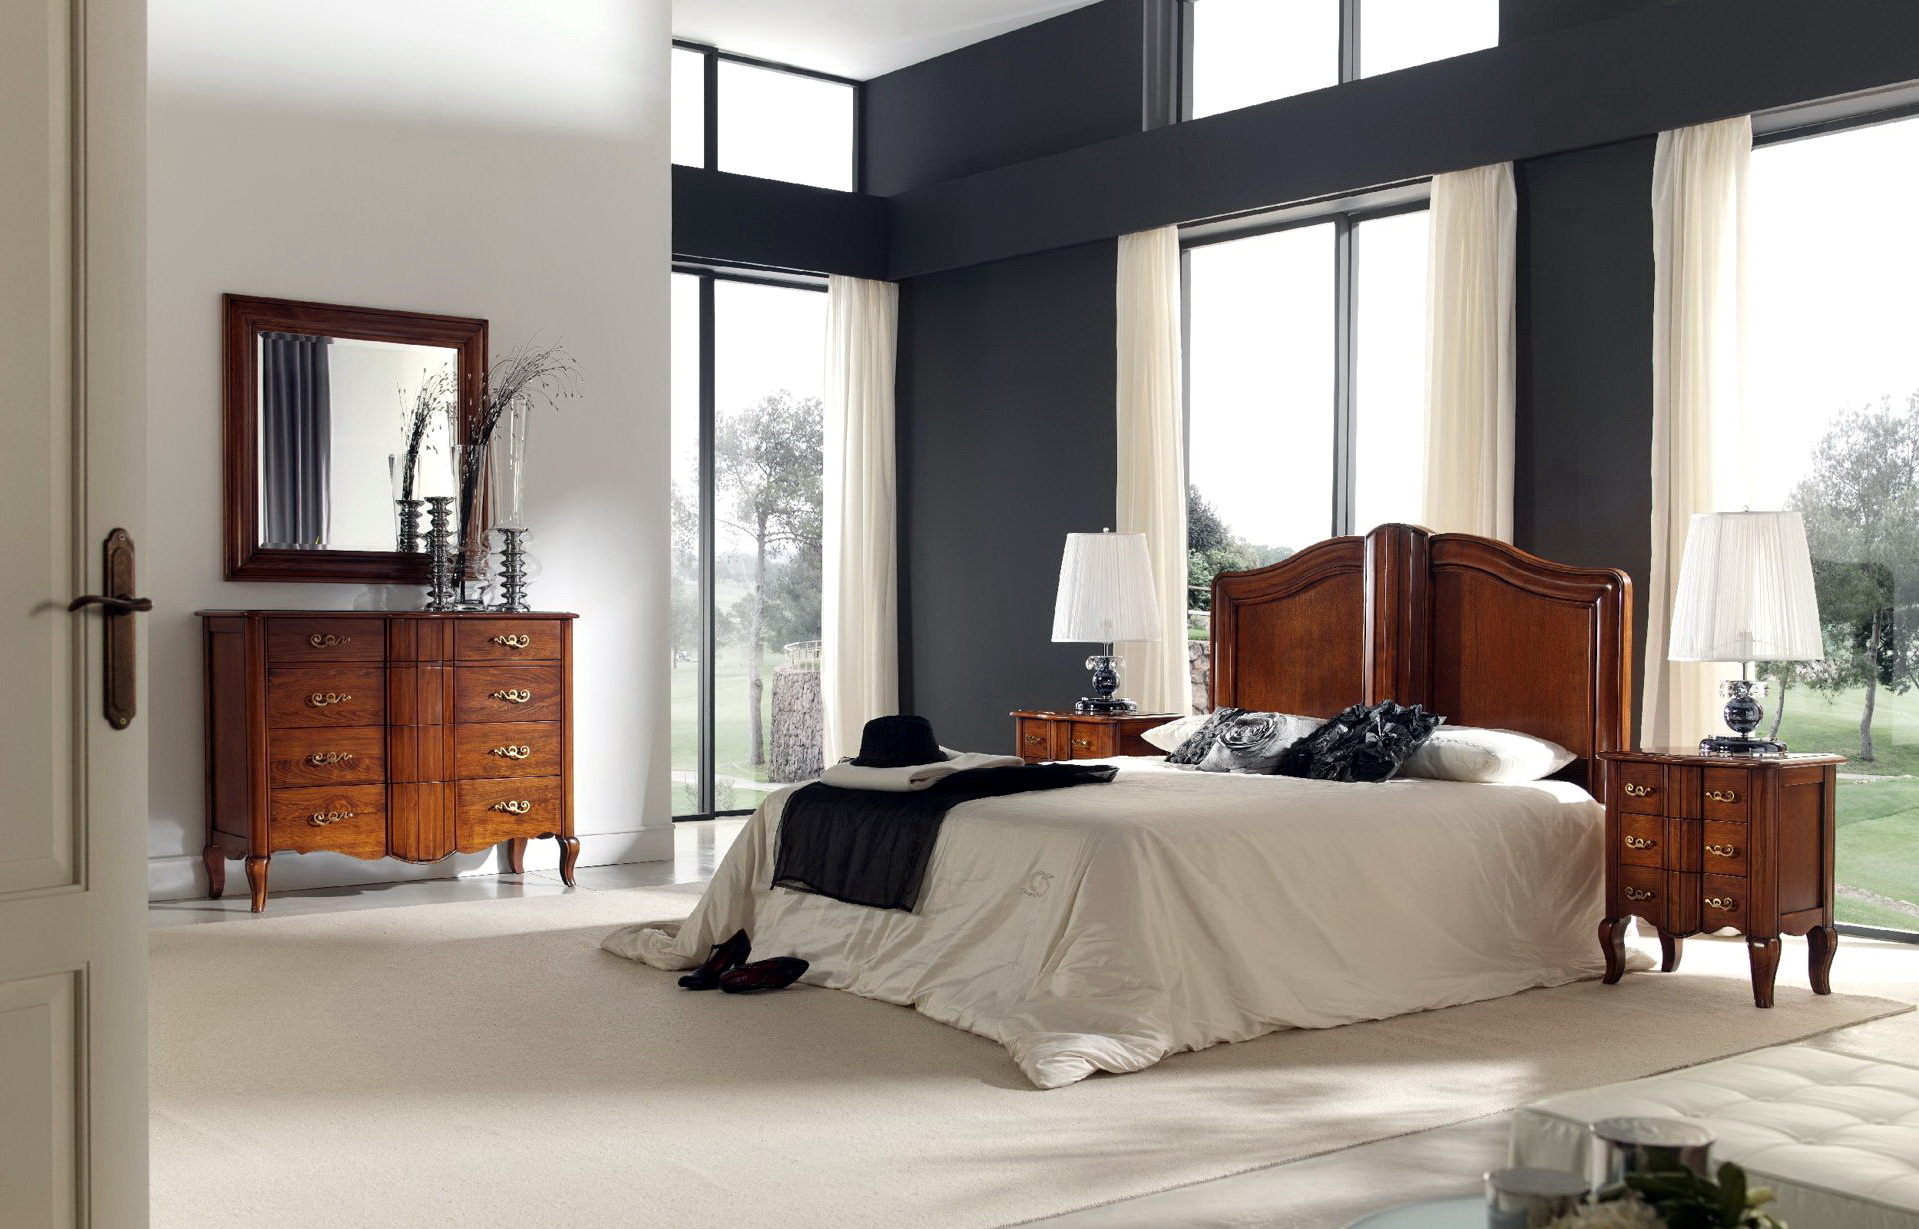 Palazzo tradition dormitorio cl sico by toscano en muebles - Muebles en leon ...